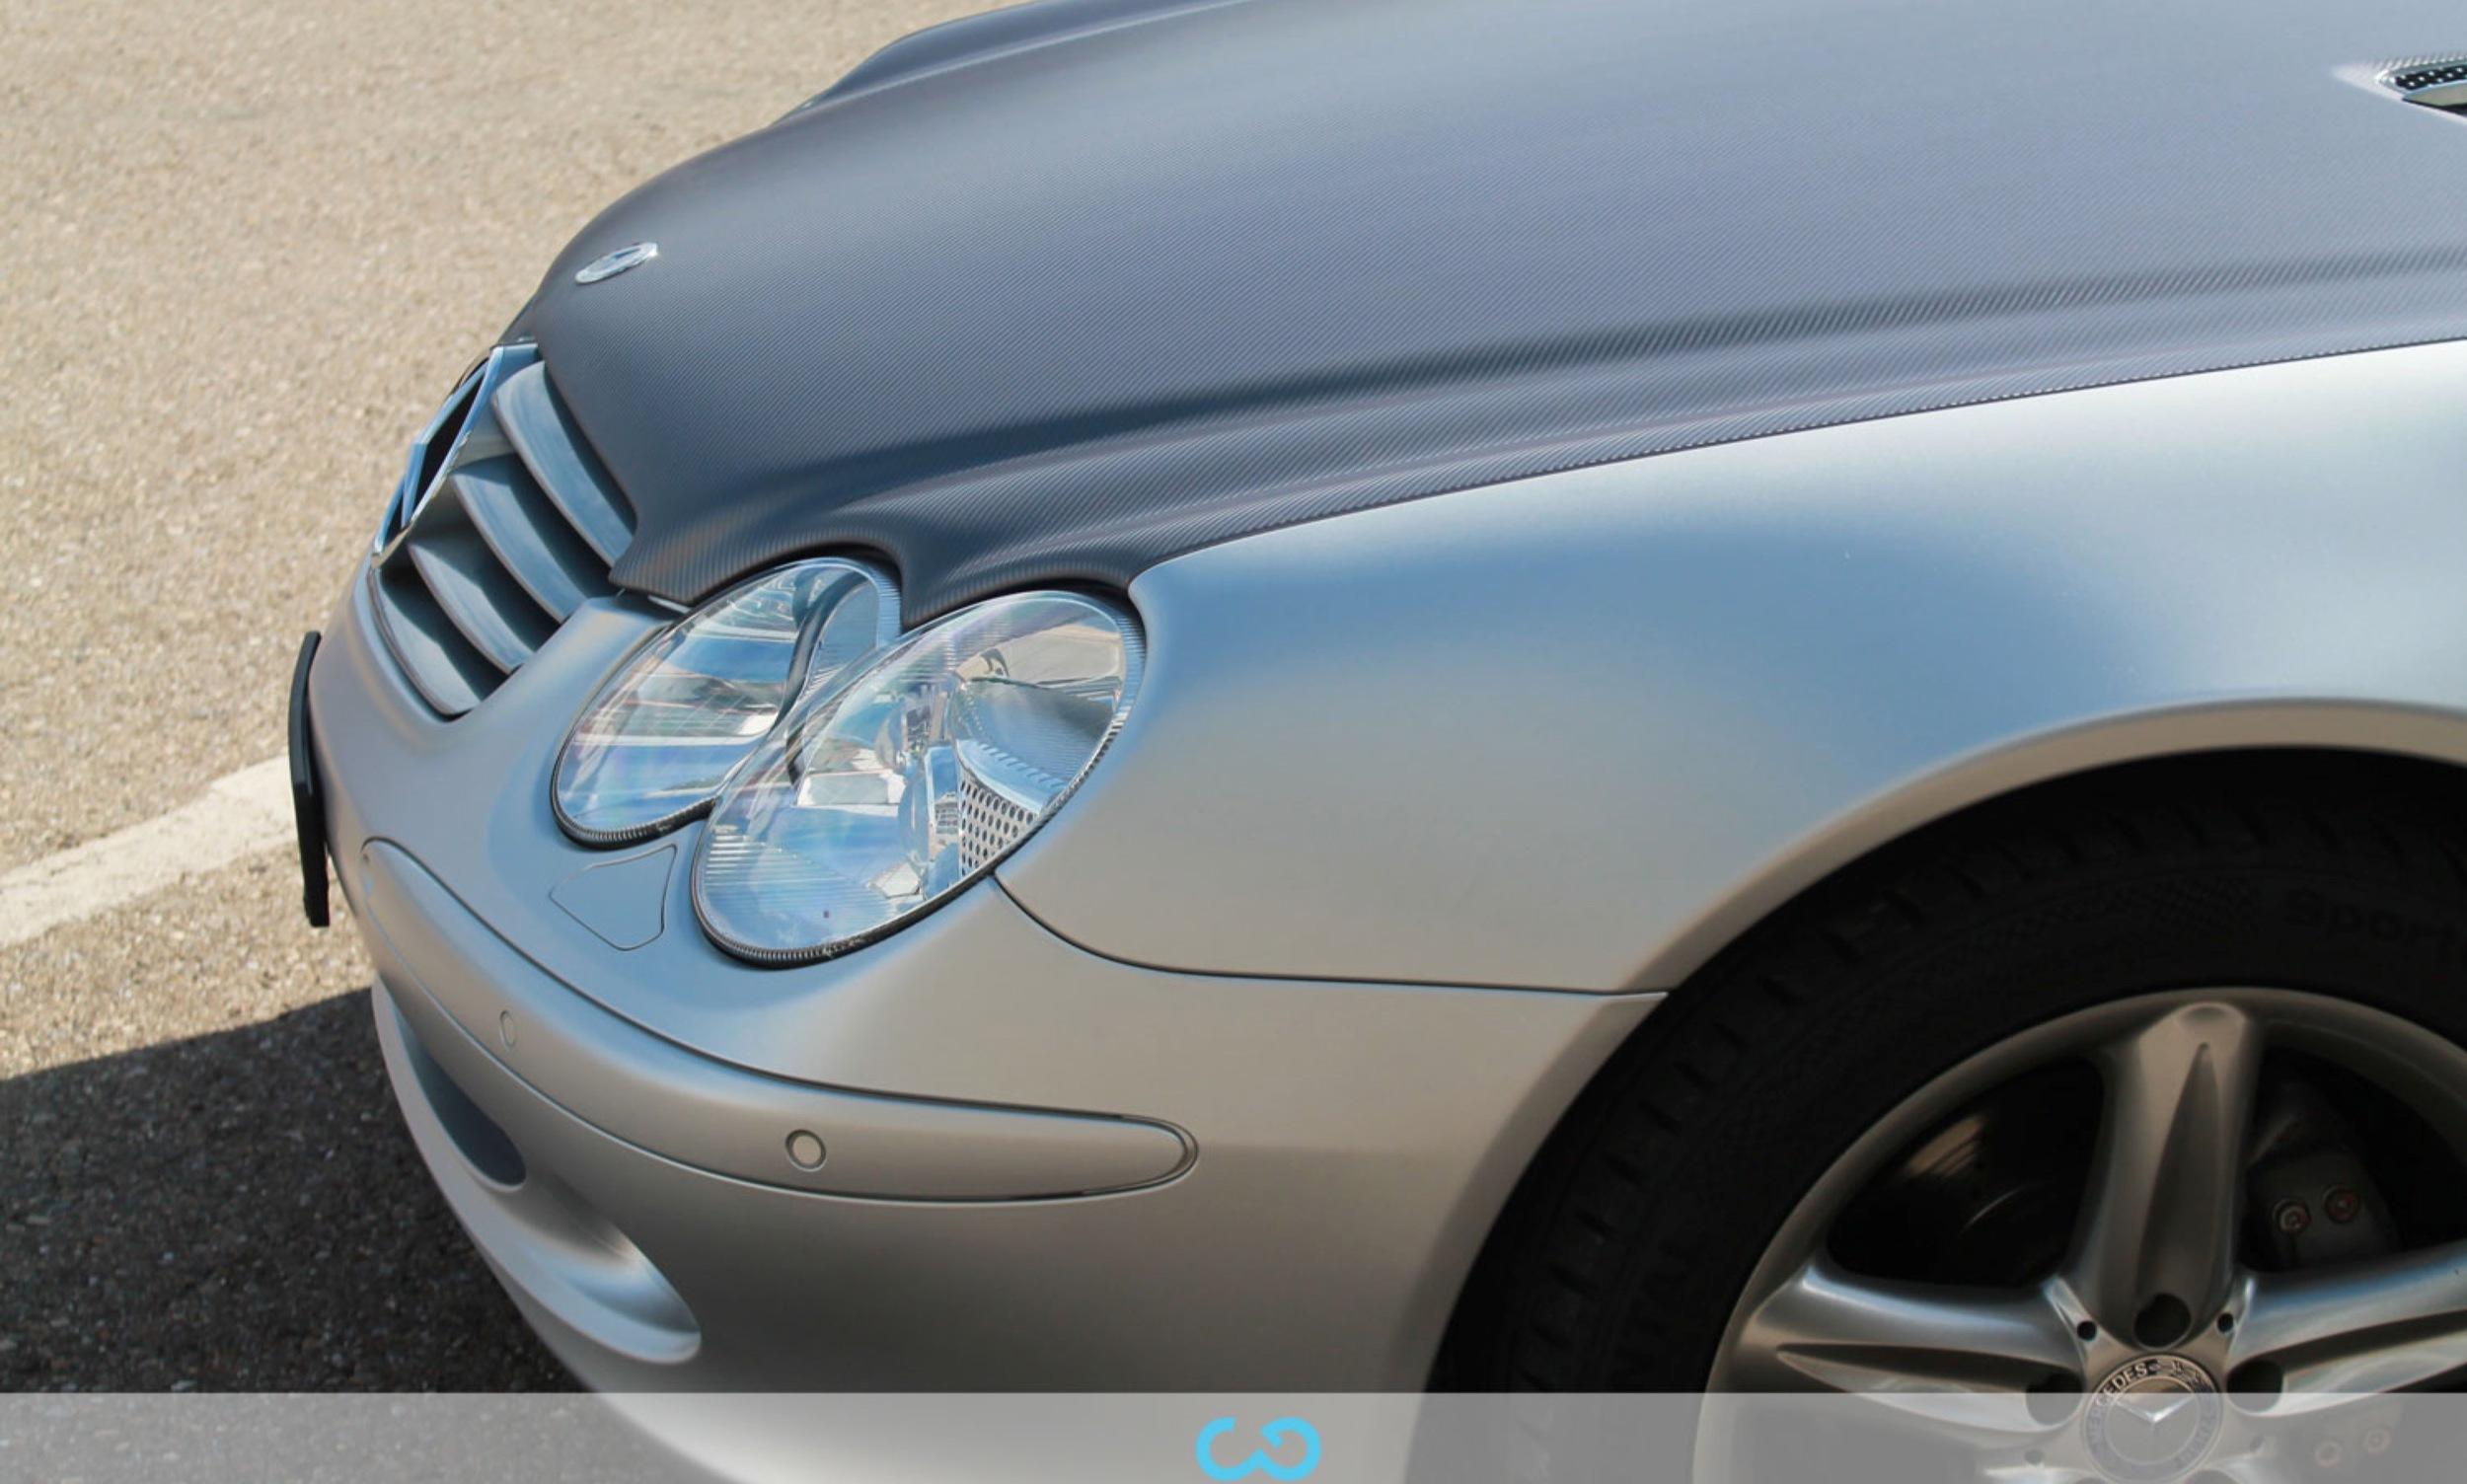 autofolierung-car-wrapping-4-teilfolierung-carbonfolie-mercedes-silber-2012-10-12-5.jpg